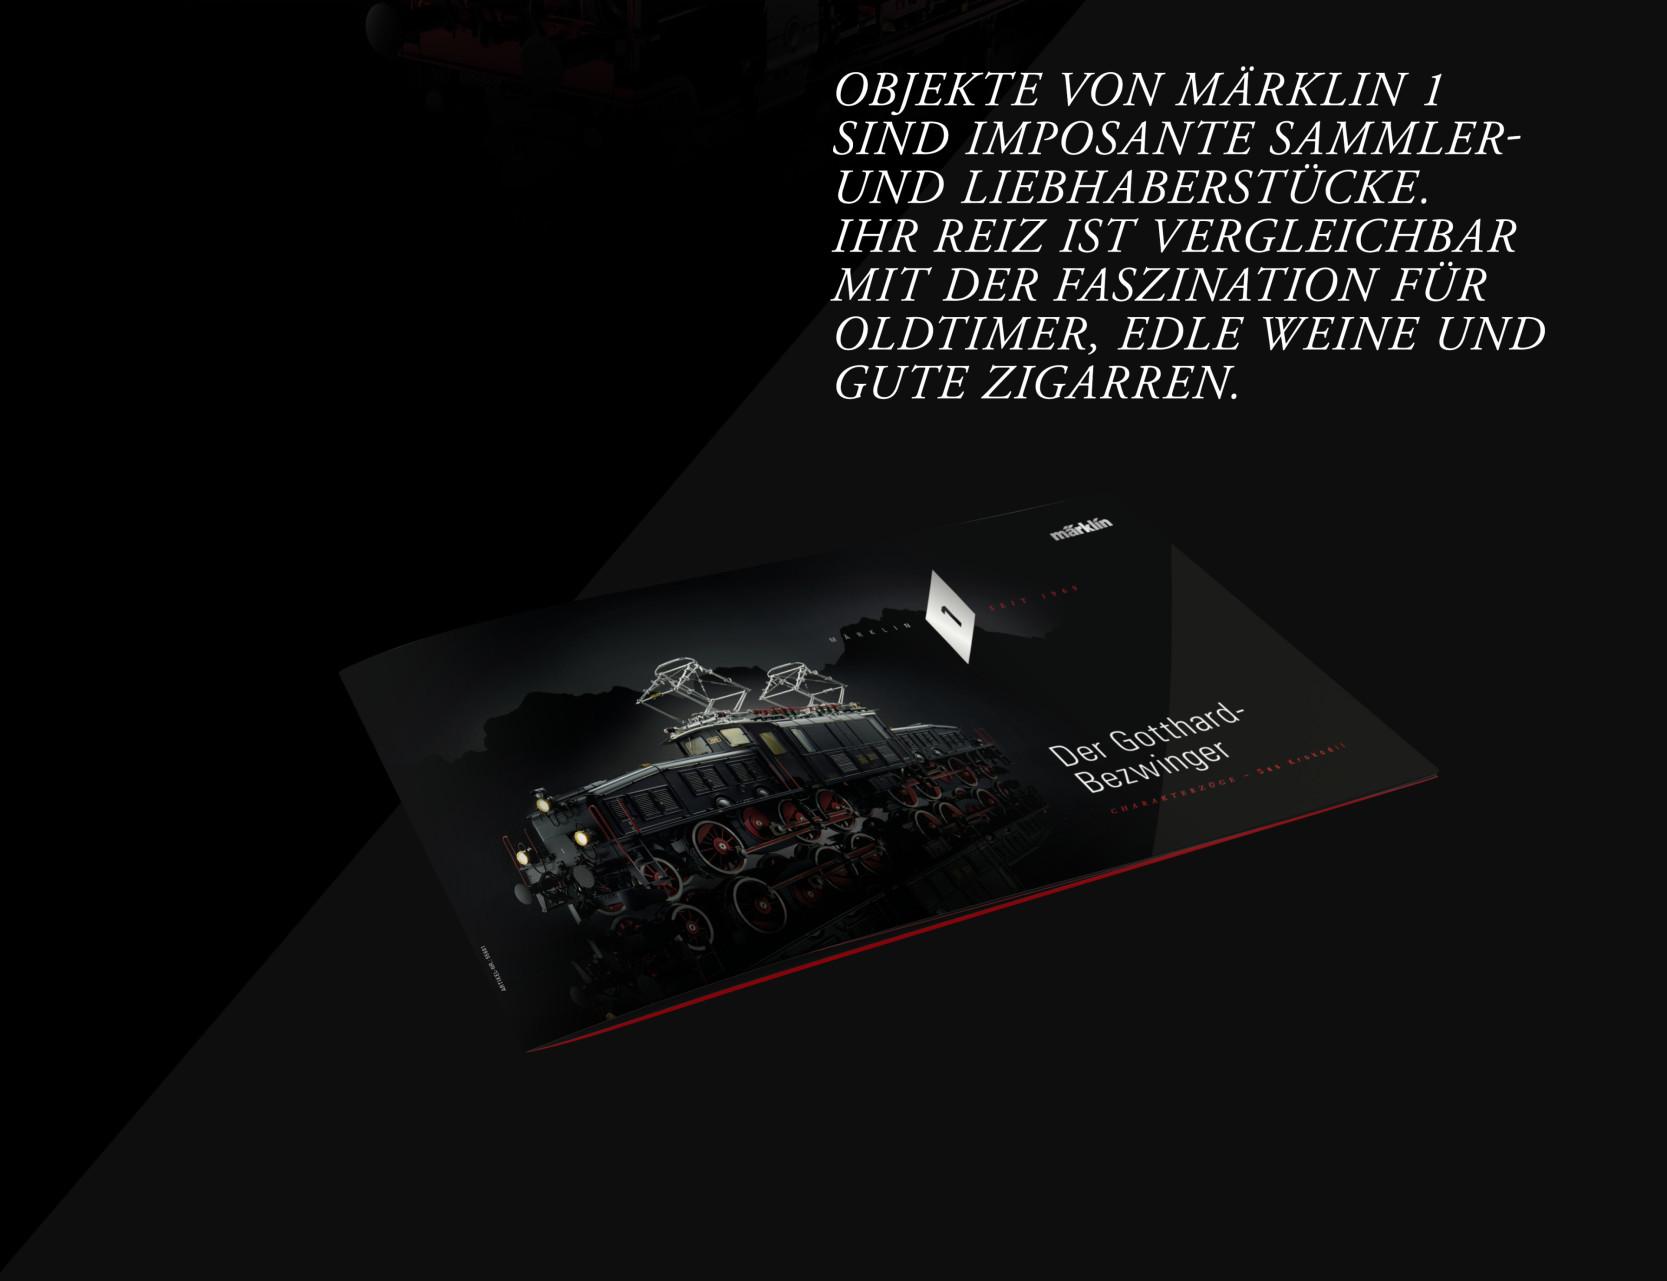 Maerklin_2